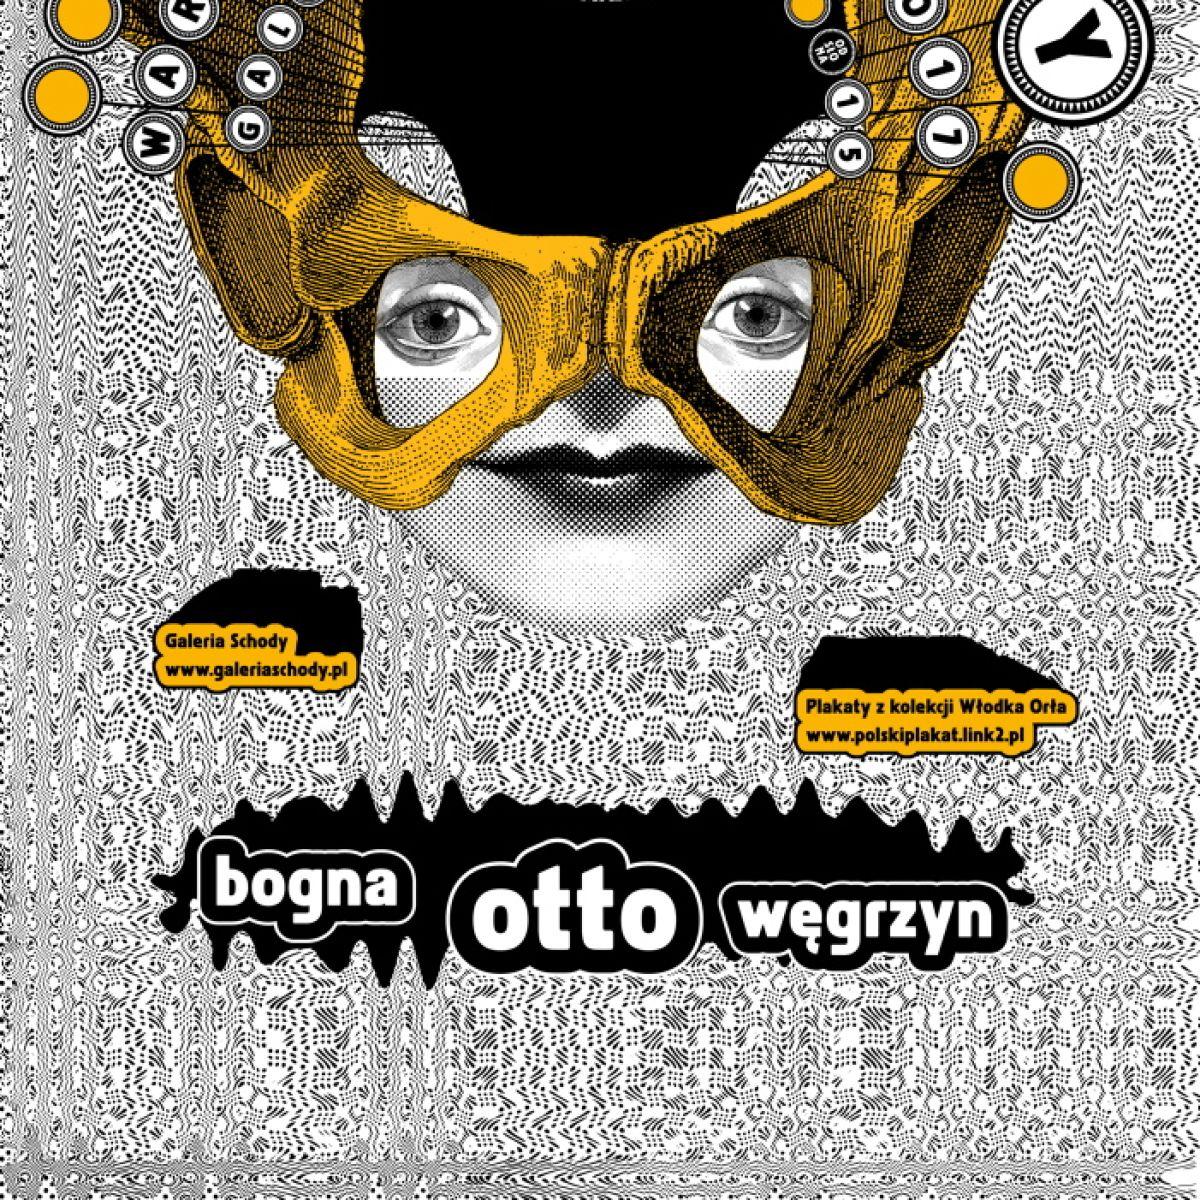 Bogna Otto Węgrzyn – wystawa plakatu – odsłona 15. z kolekcji Włodka Orła - Galeria Schody - 25.02-08.03.2017